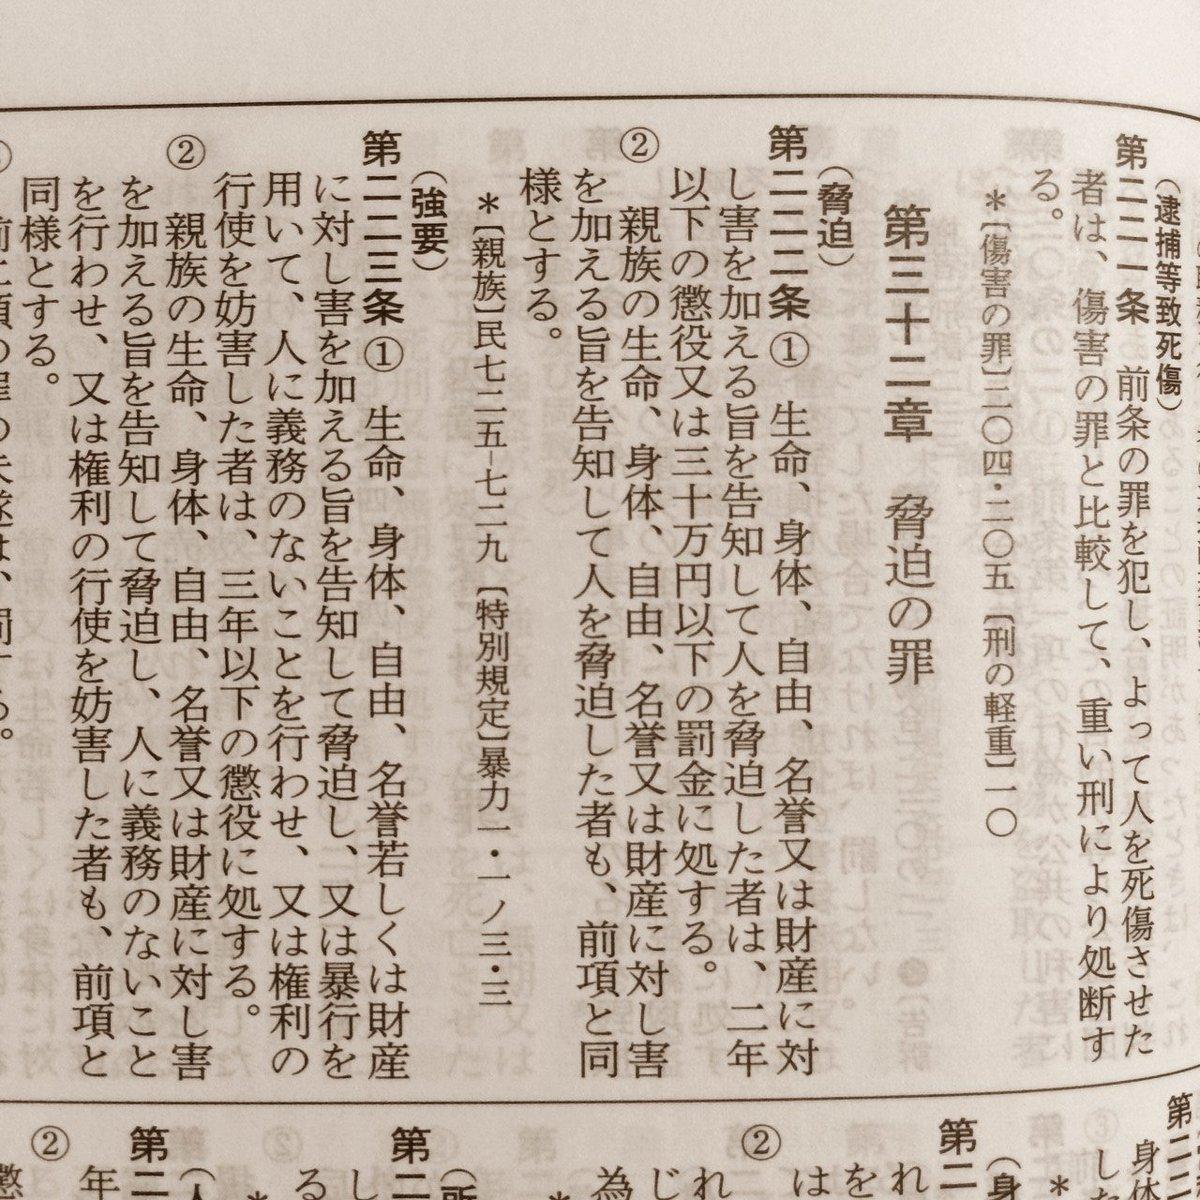 ゆるふわ怪電波☆埼玉 on Twitter...